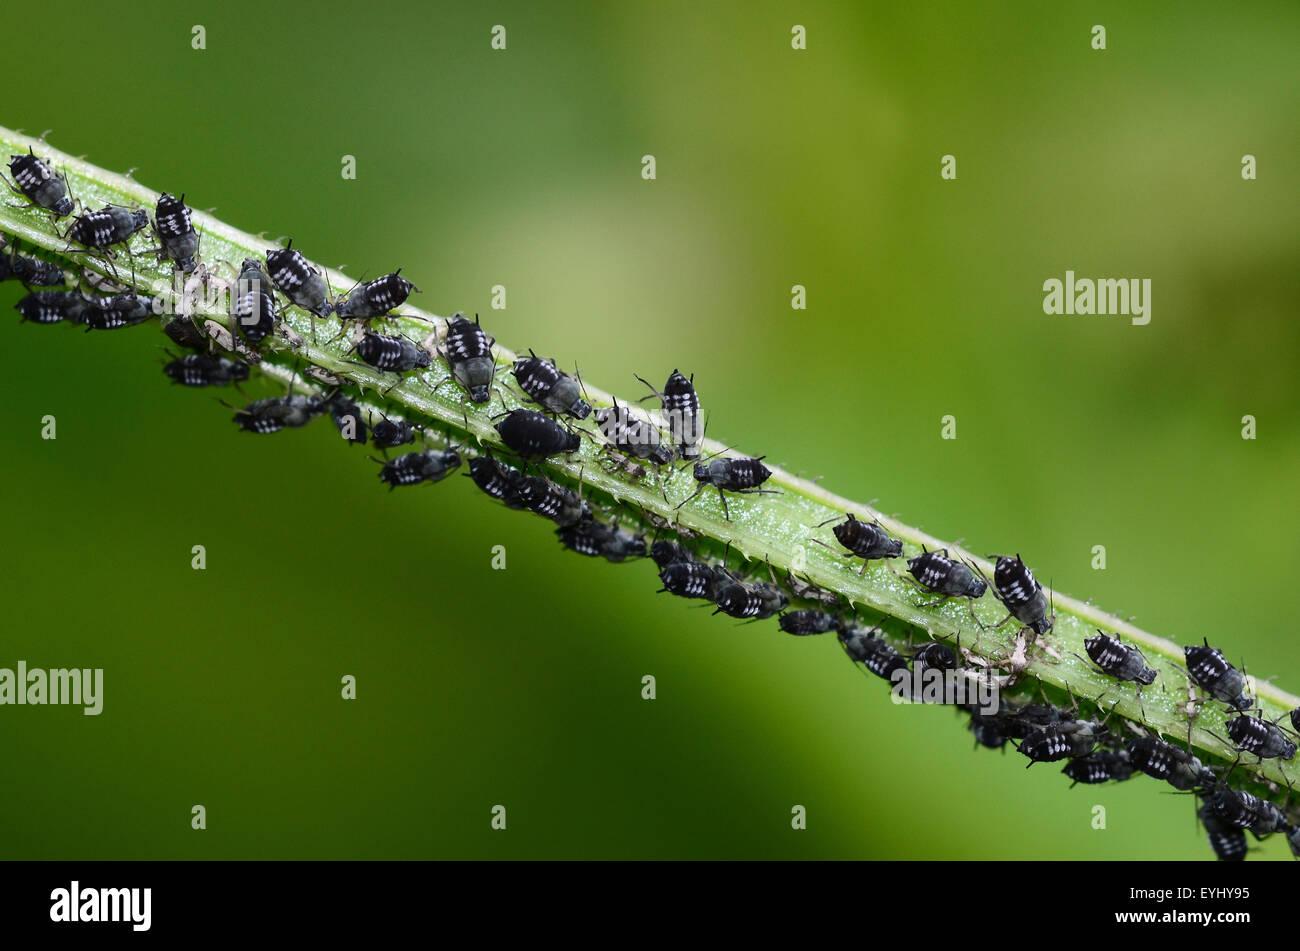 Schwarze Bohnen Blattlause Stockfotos Schwarze Bohnen Blattlause